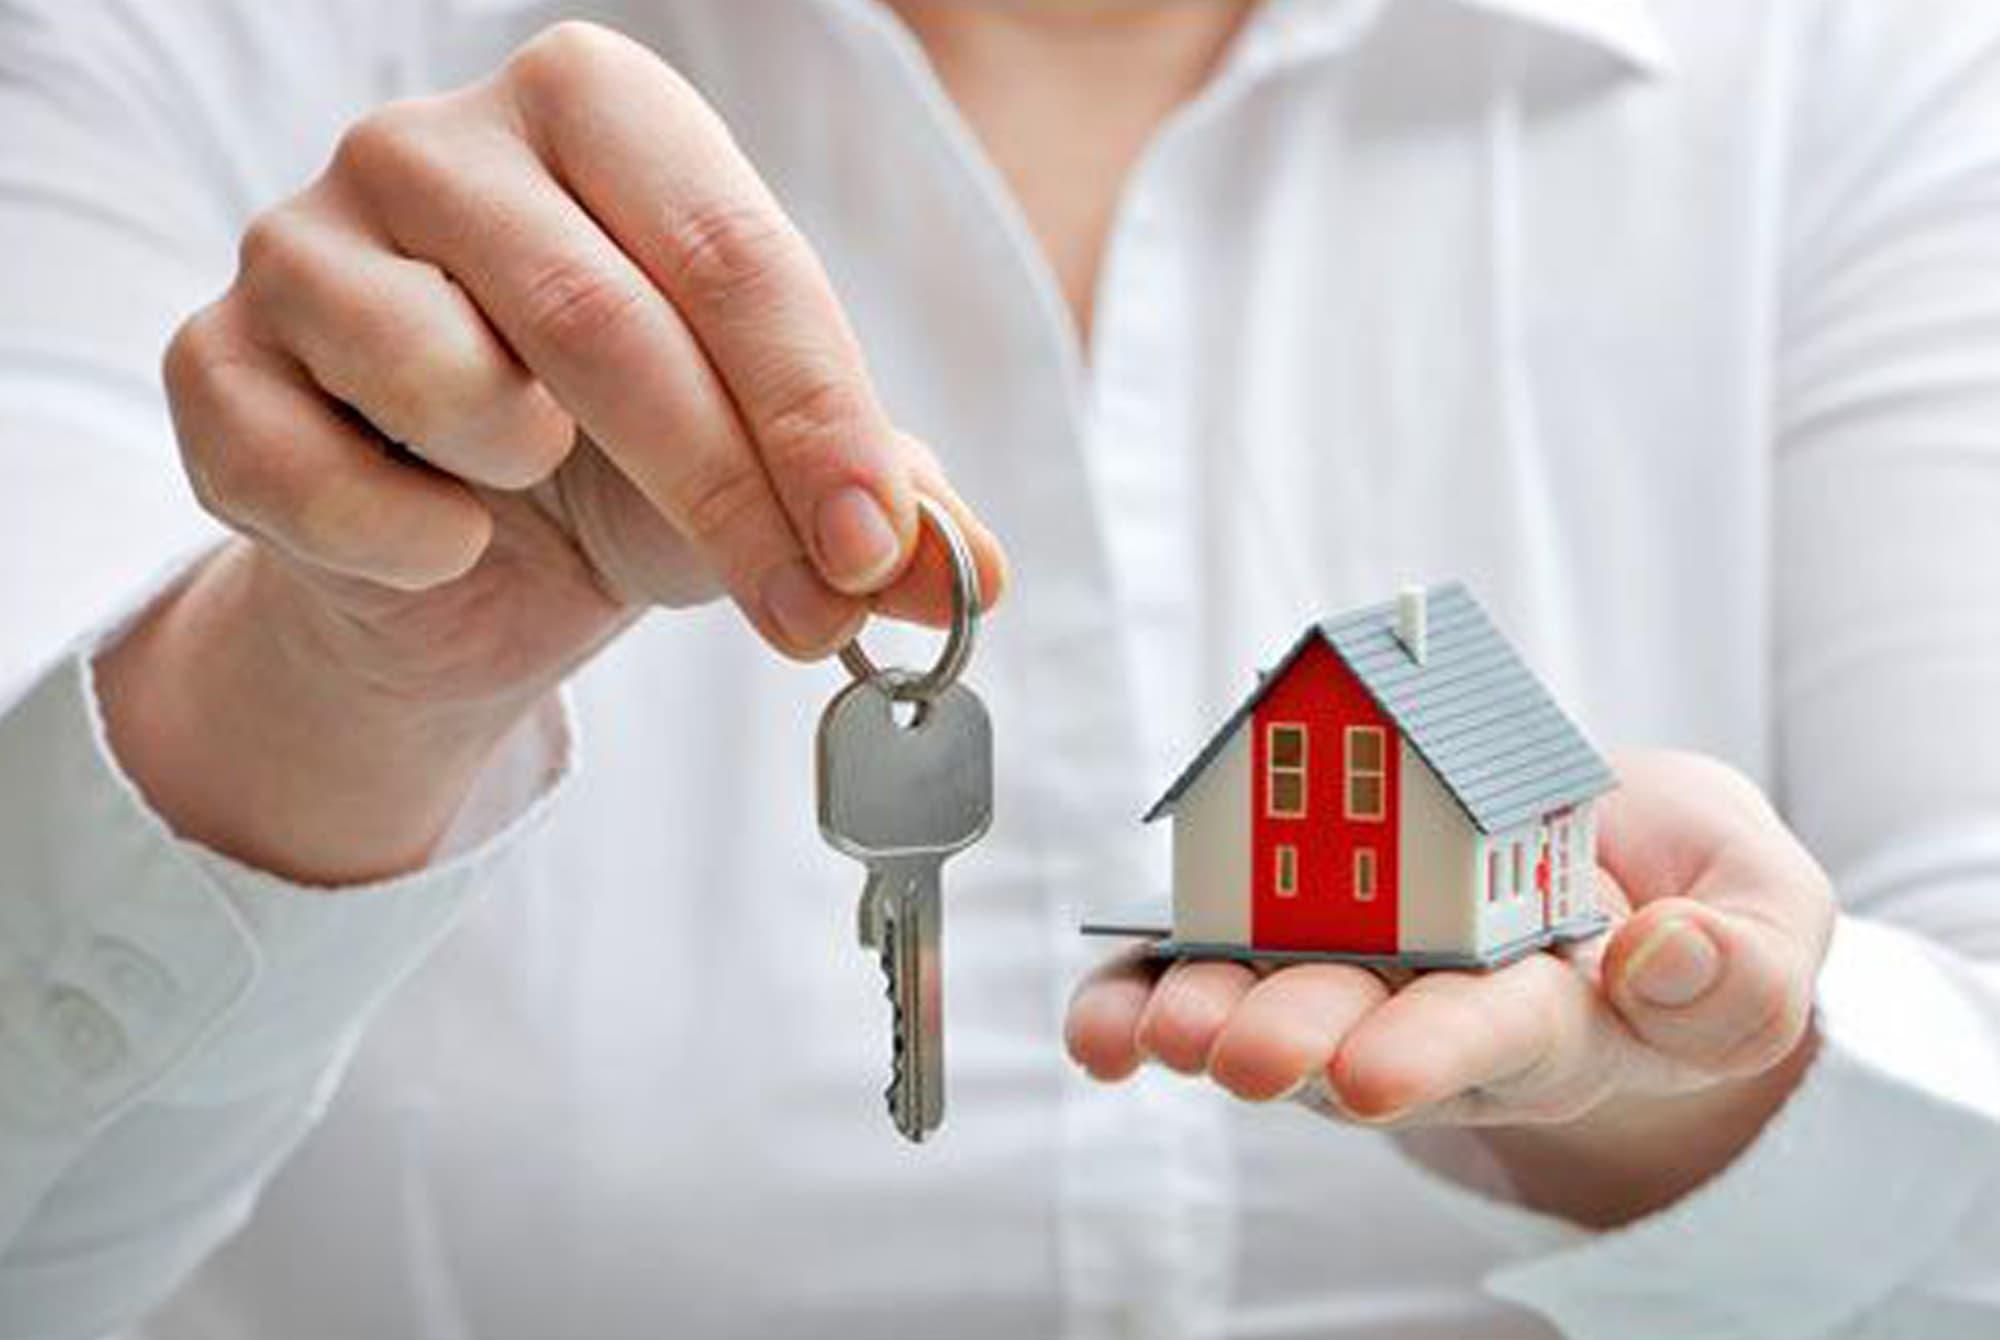 кредит с господдержкой на недвижимостьписьмо в банк о рефинансировании кредита